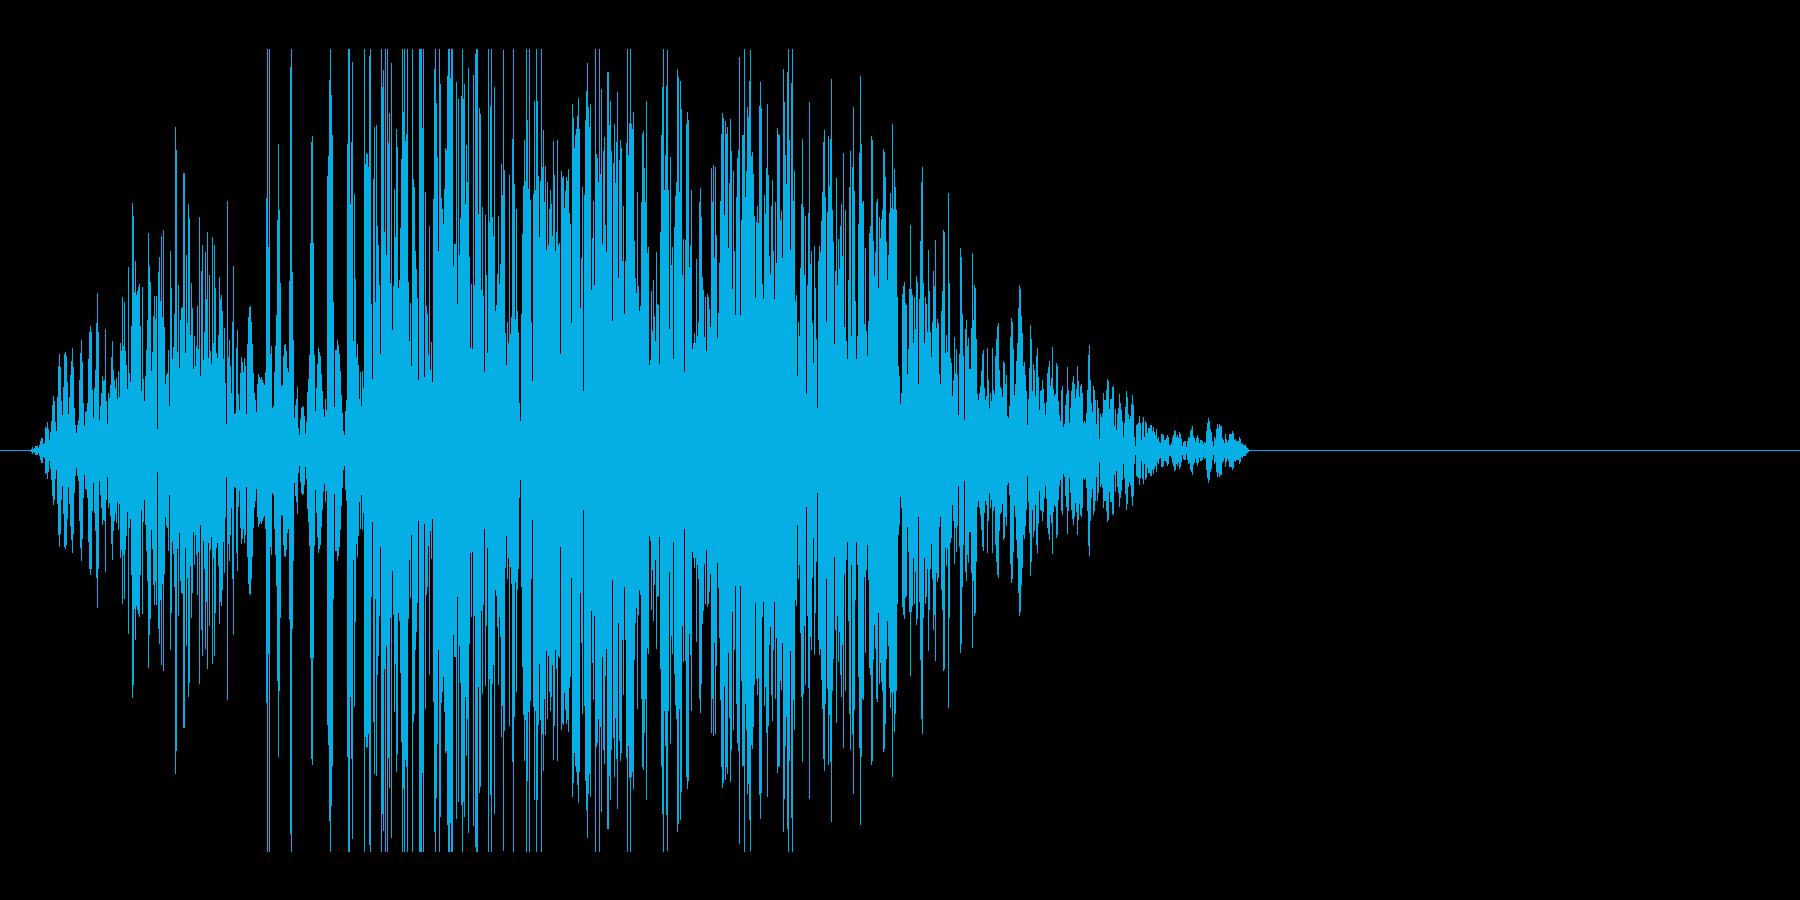 ビシィッ(殴る音・中)の再生済みの波形